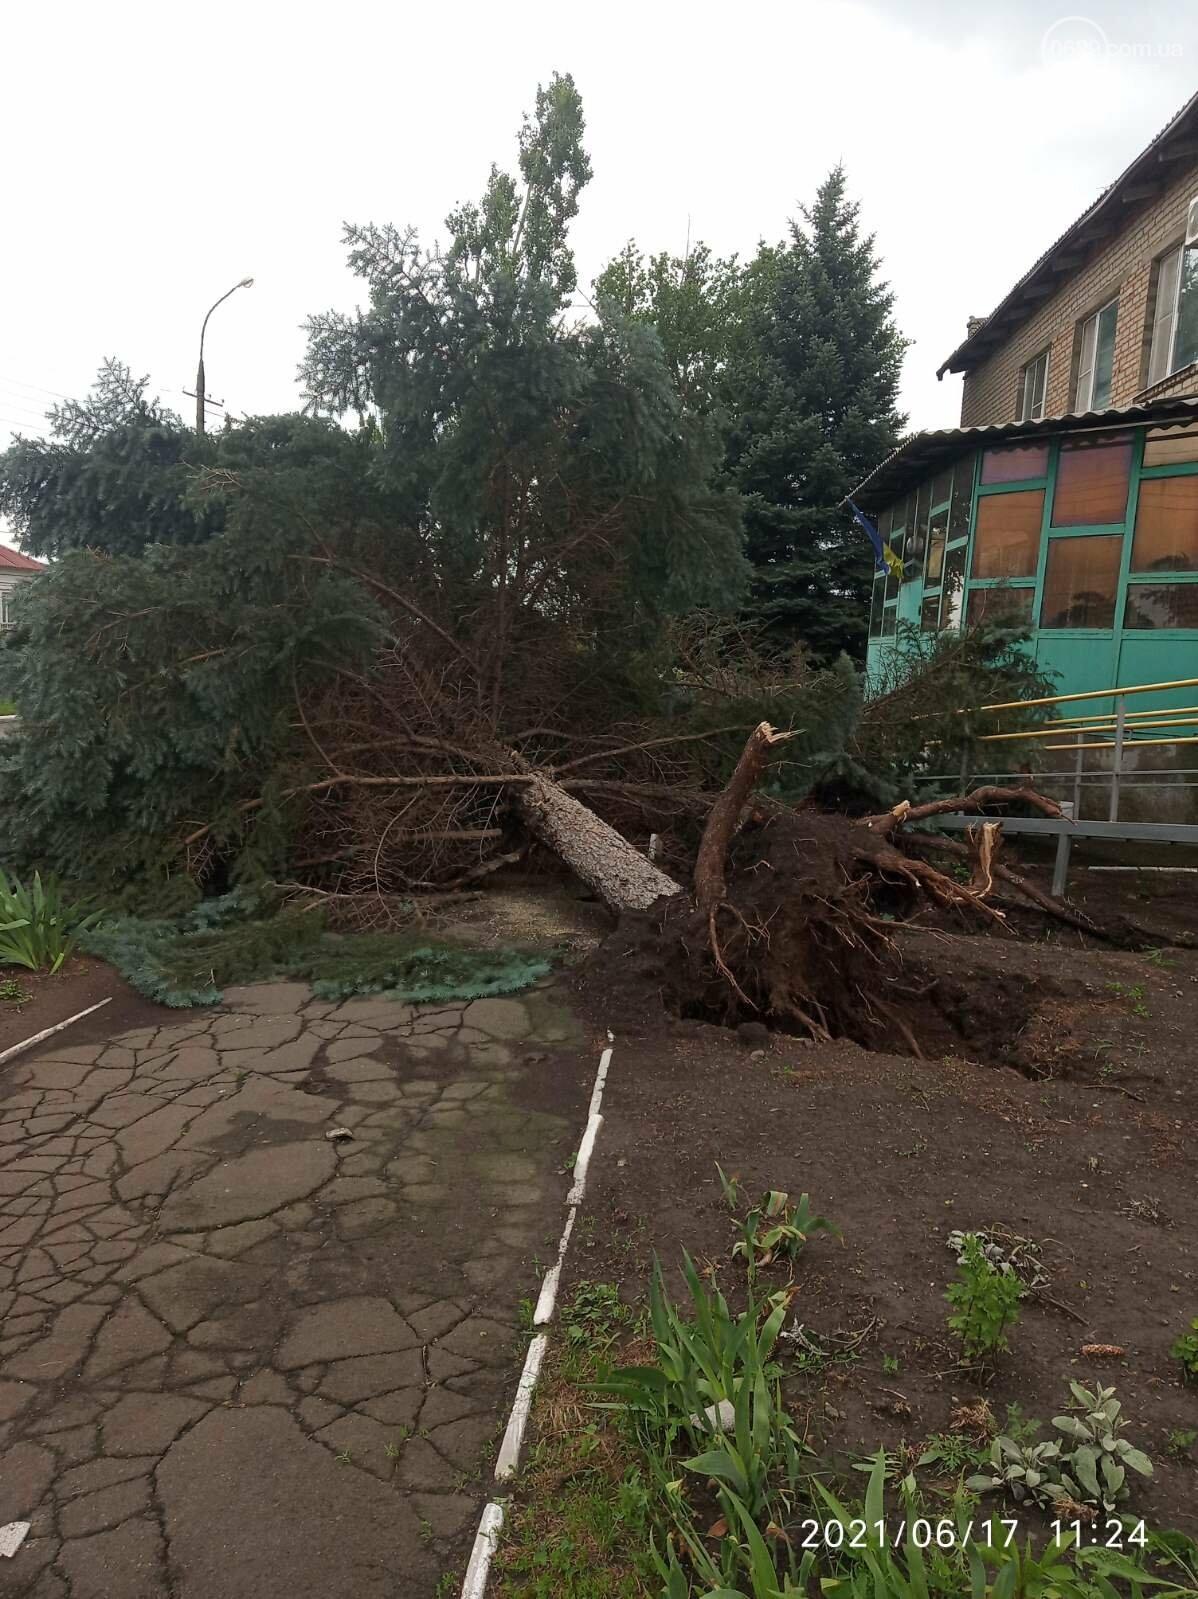 Прямо с корнем. В Мариуполе штормовой ветер валил деревья, - ФОТО, фото-7